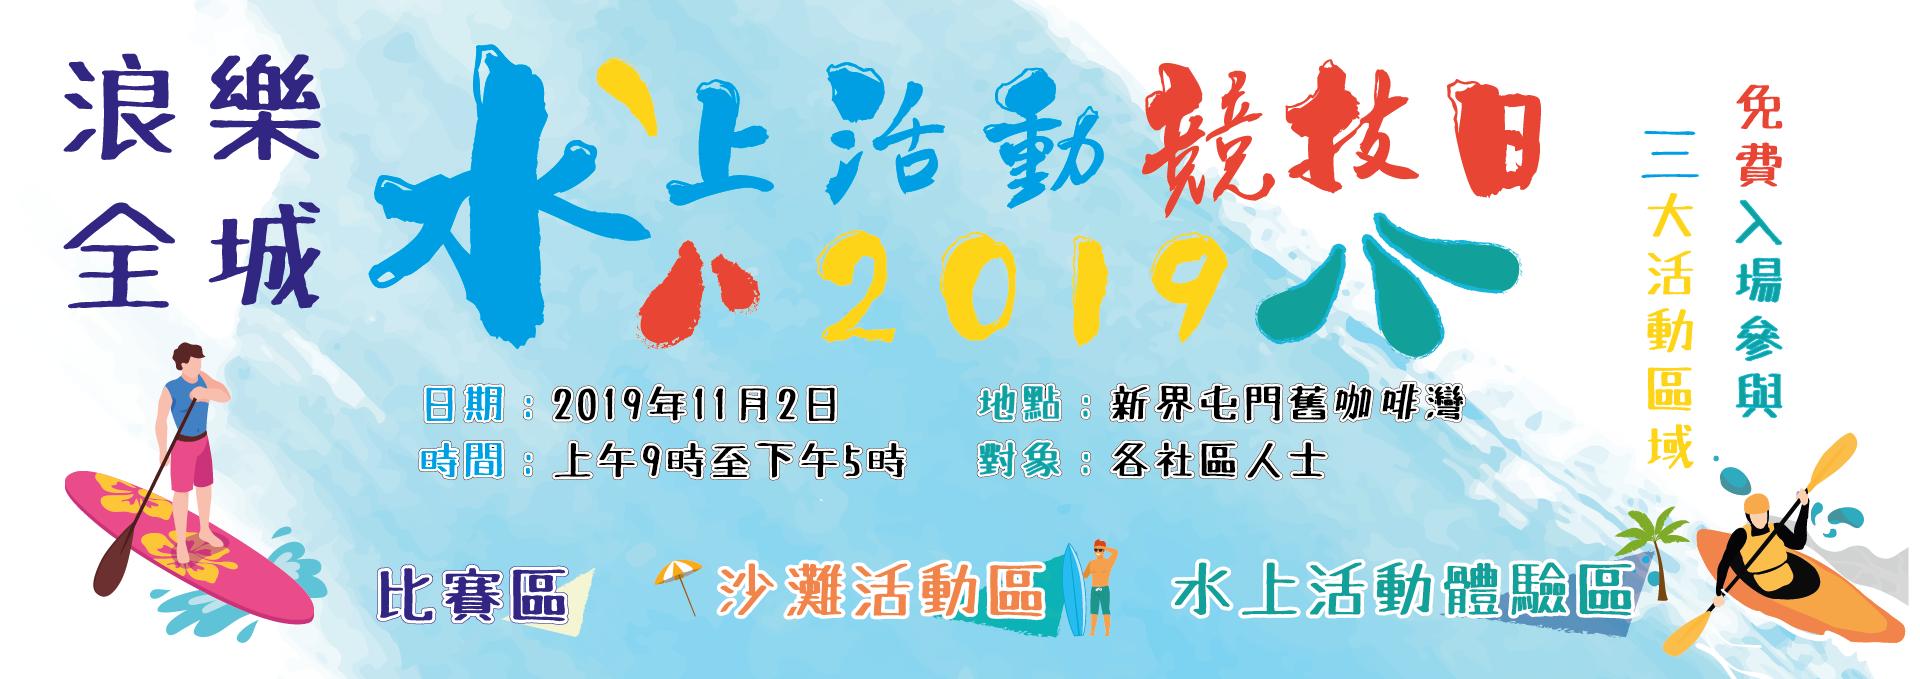 賽馬會「動歷海洋」水上活動計劃-水上活動競技日2019